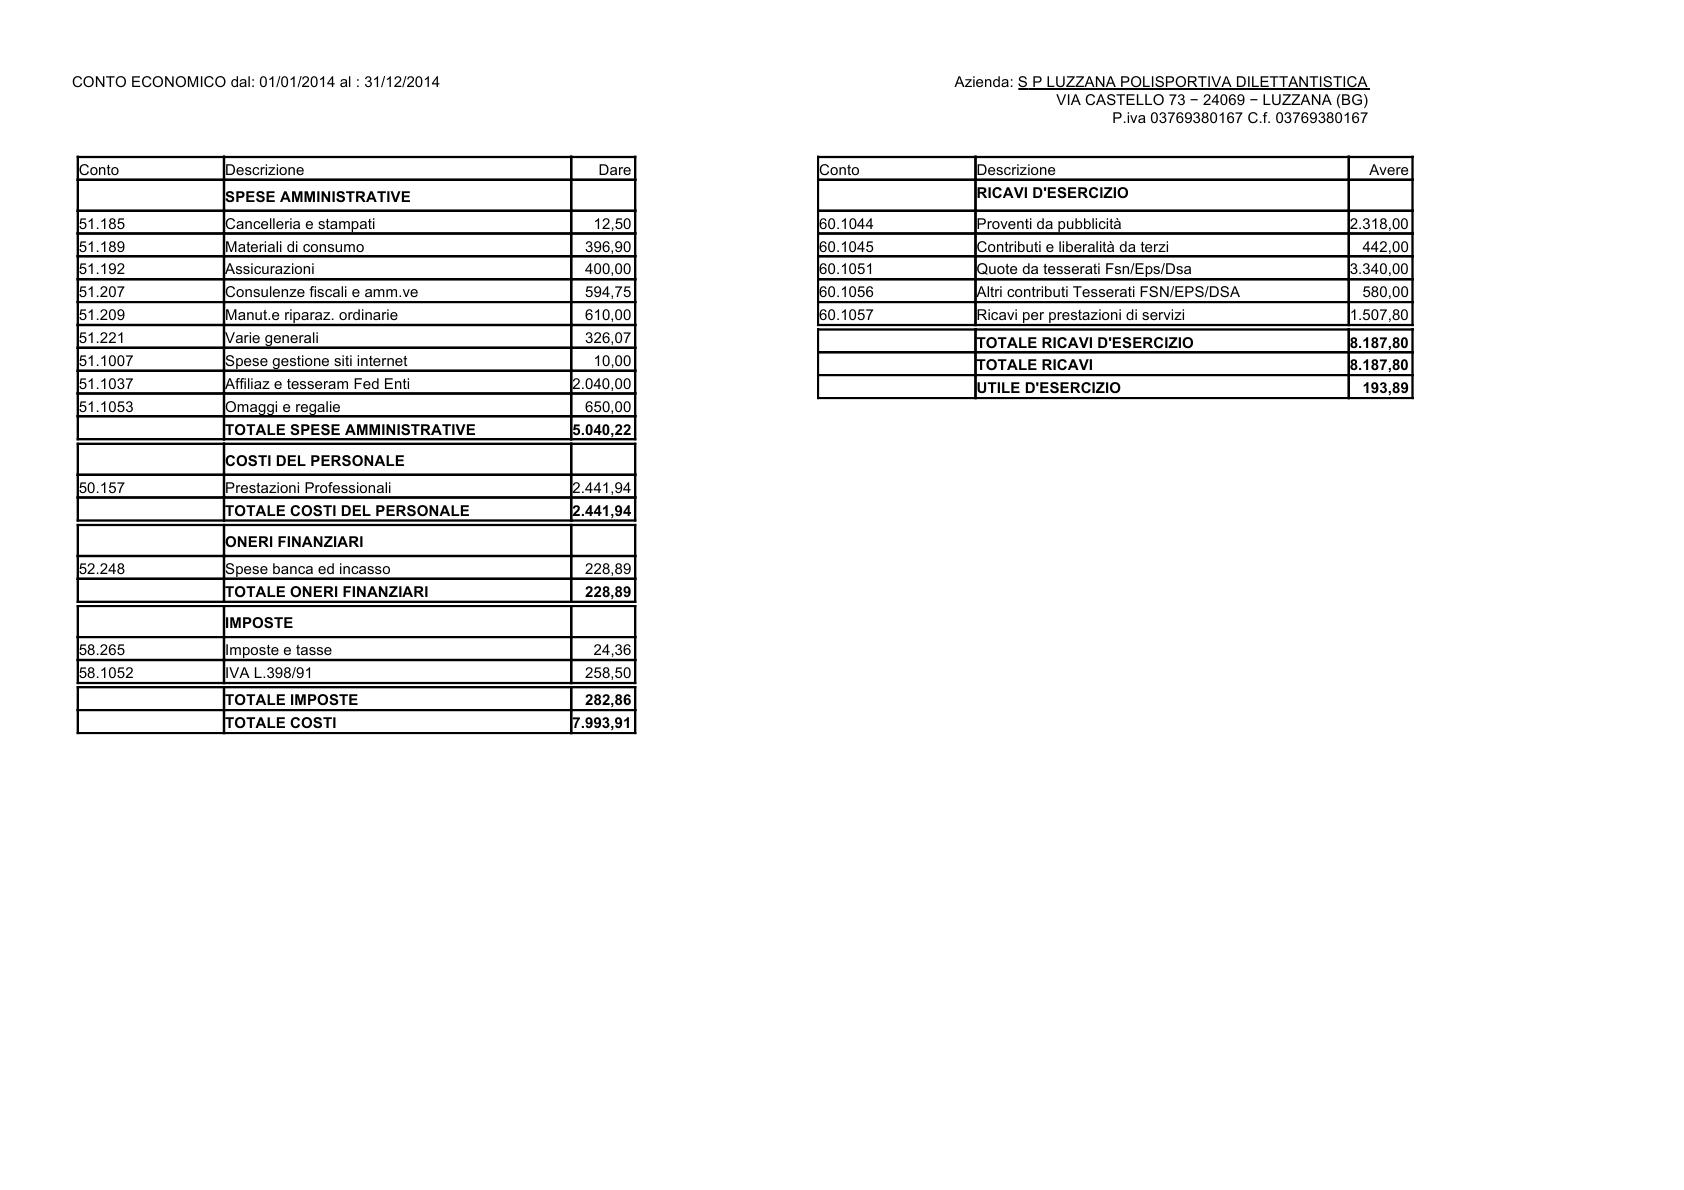 Bilancio 2014 pag. 2